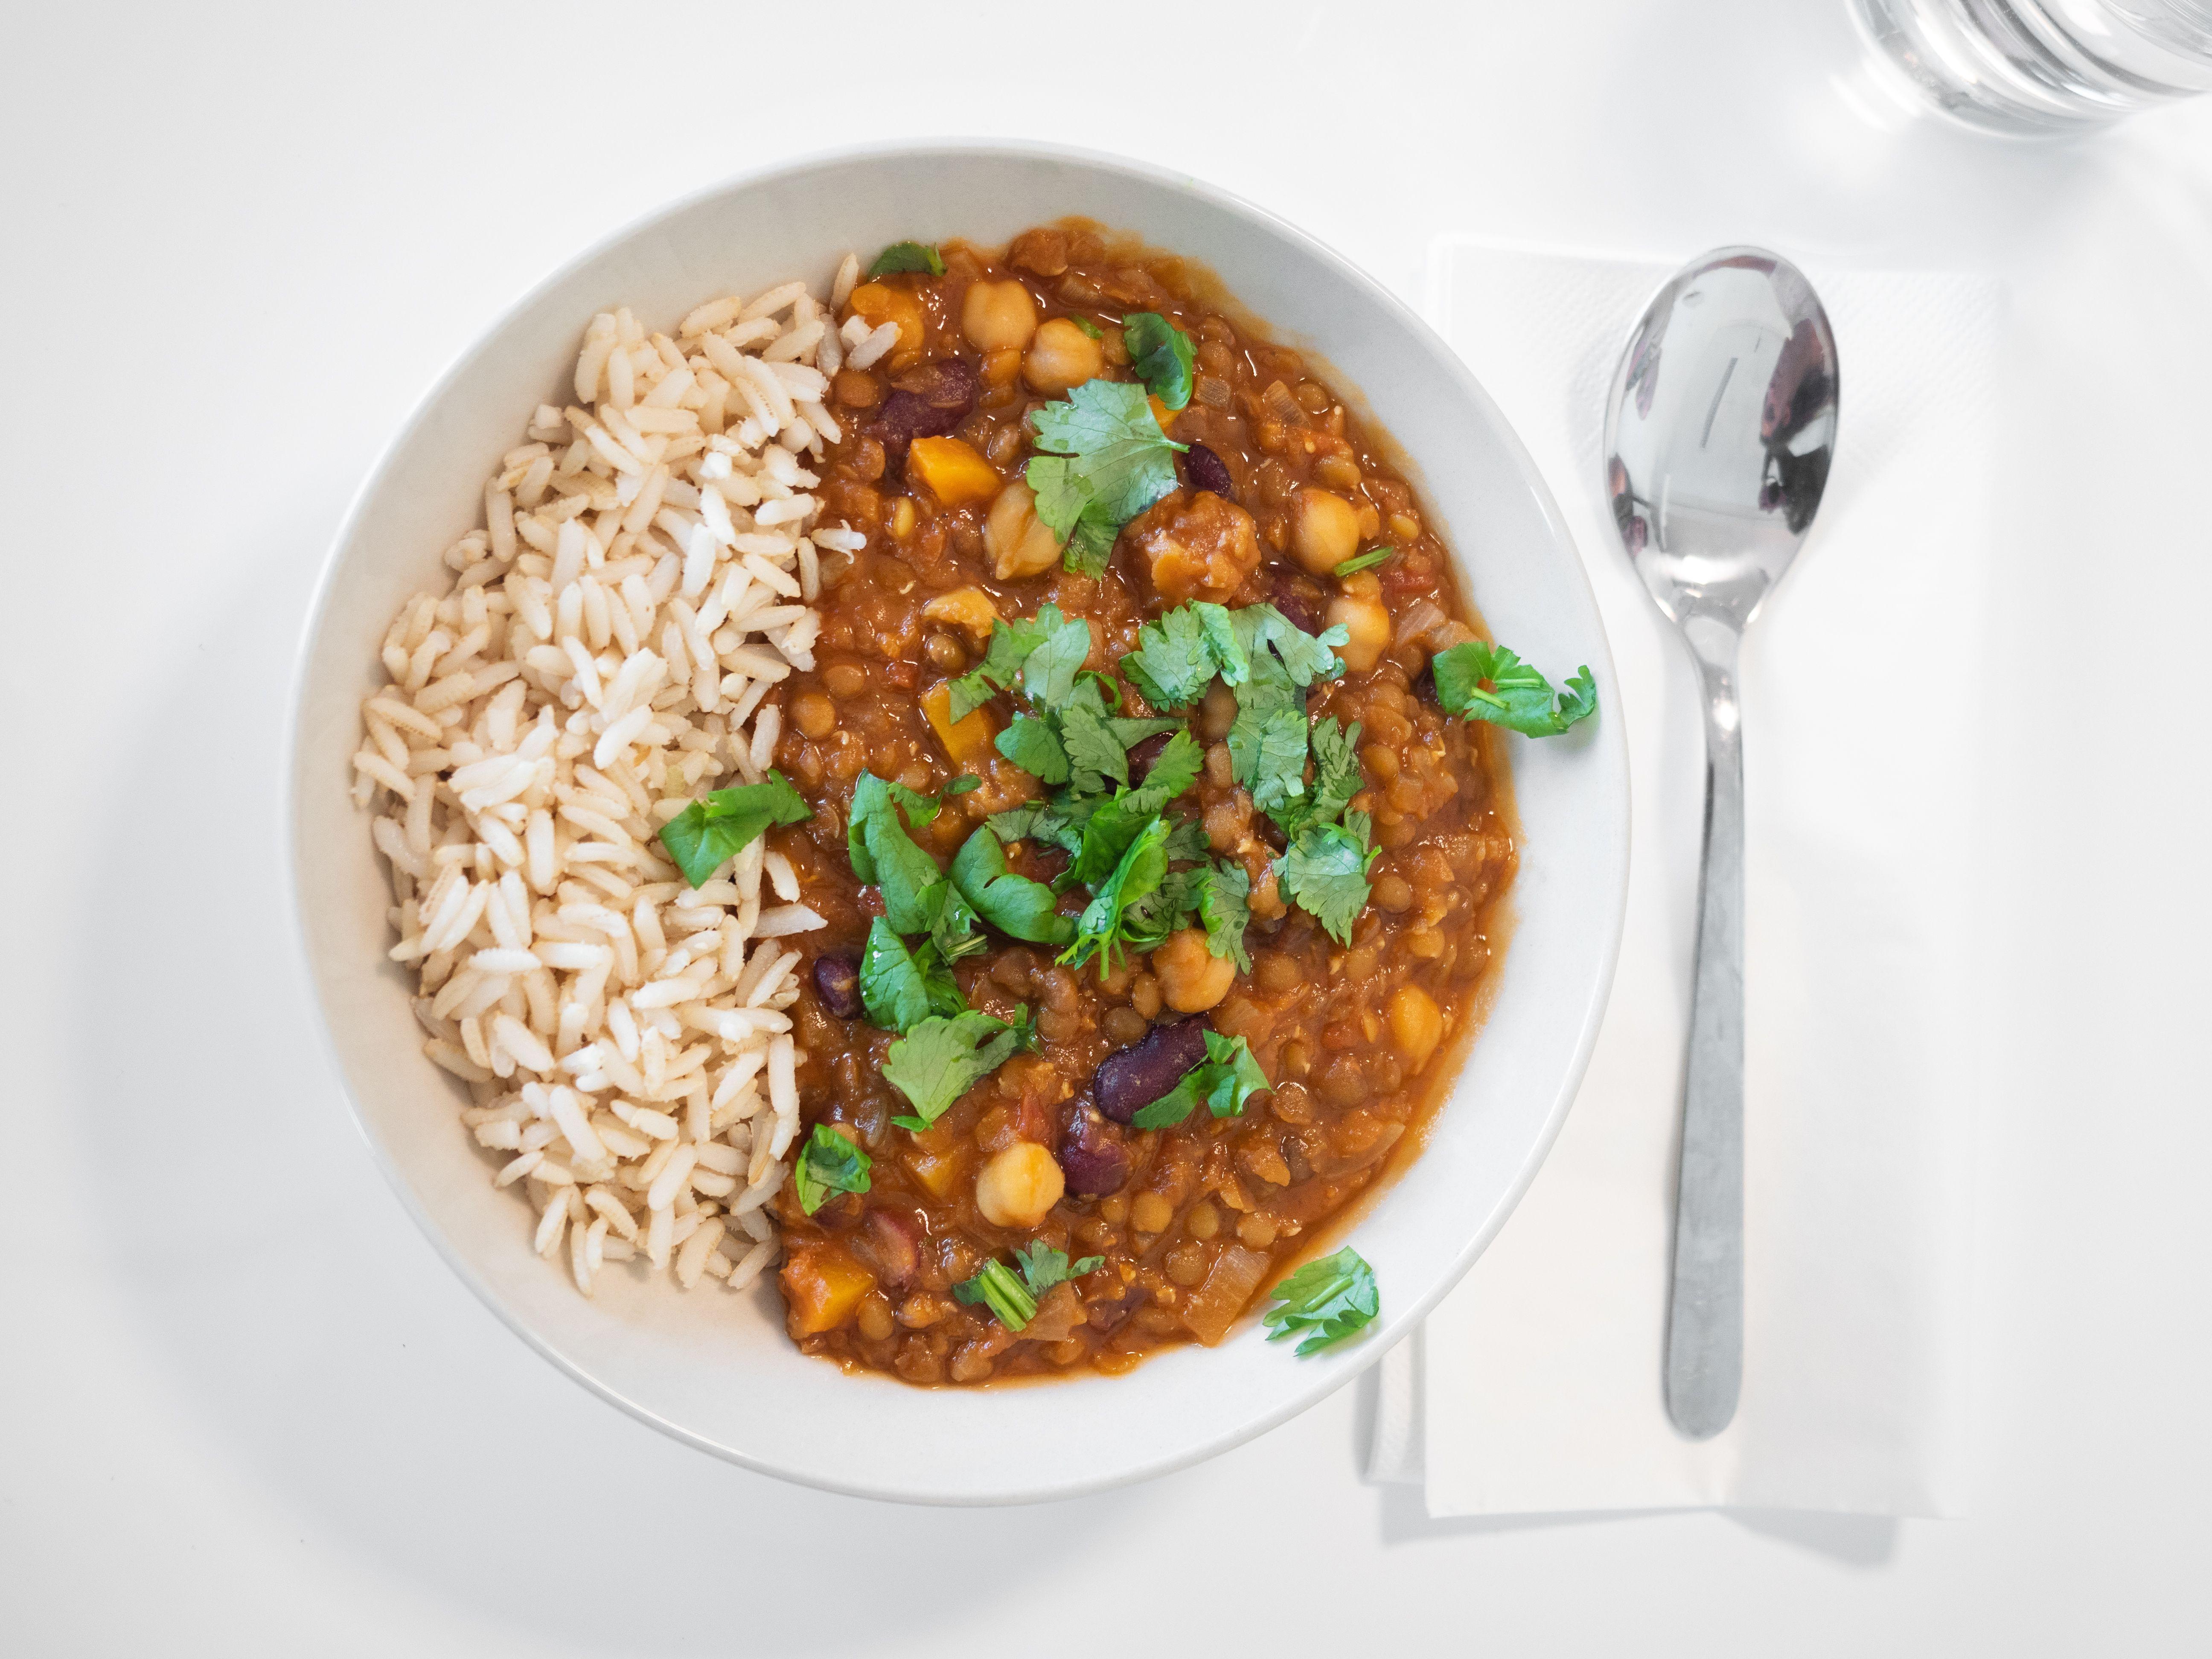 Bilde av tallerken med ris og linse-, kikerter- og bønnegryte